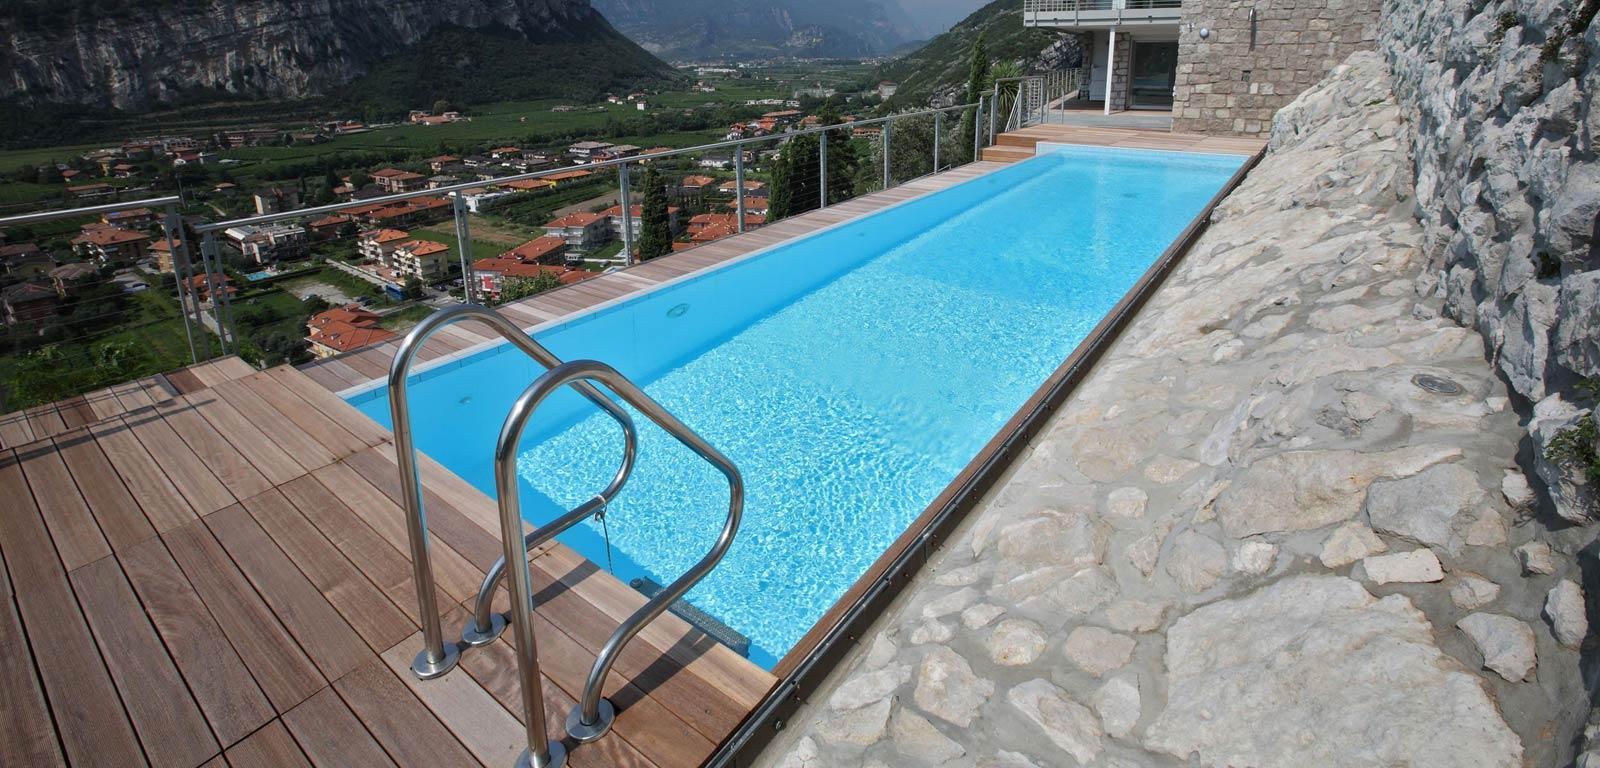 Piscine su terrazzo piscine castiglione - Piscina castiglione ...